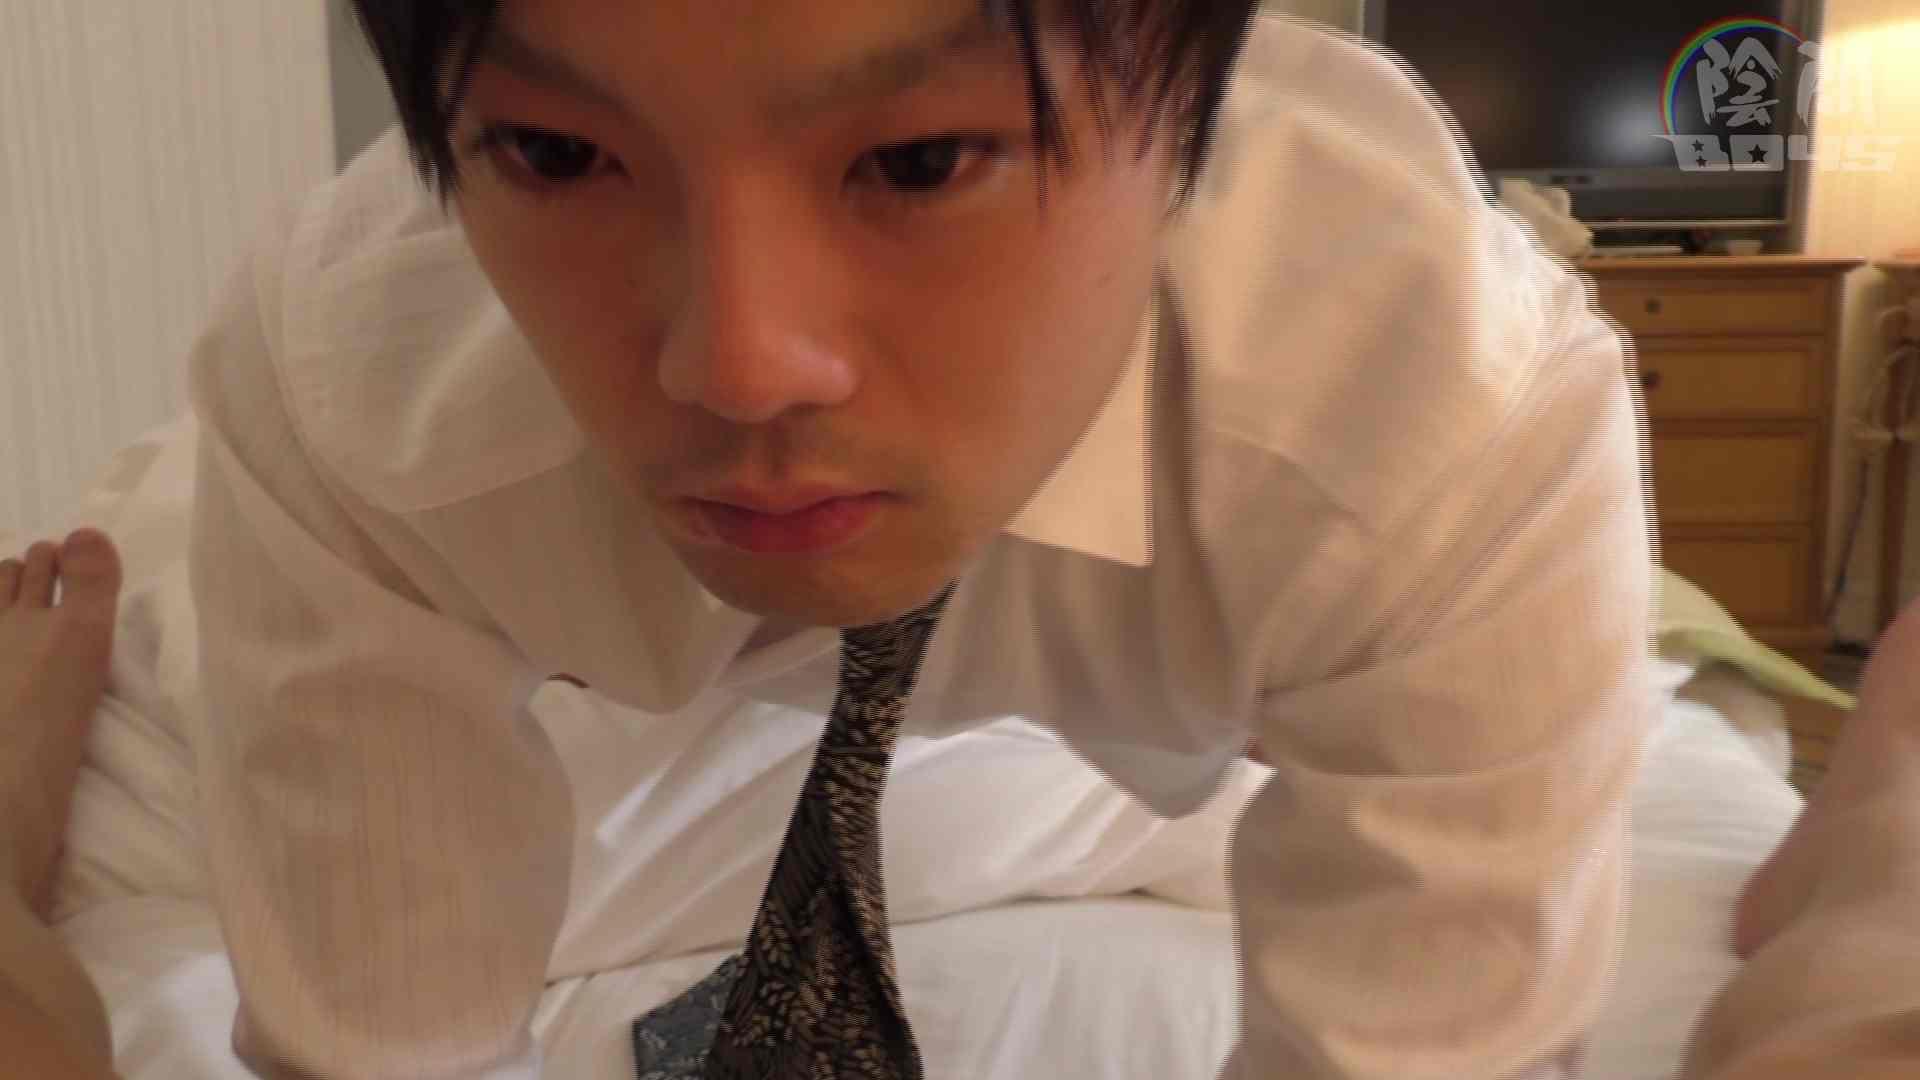 """キャバクラの仕事は""""アナル""""から1 Vol.06 フェラ ゲイ素人エロ画像 103枚 5"""